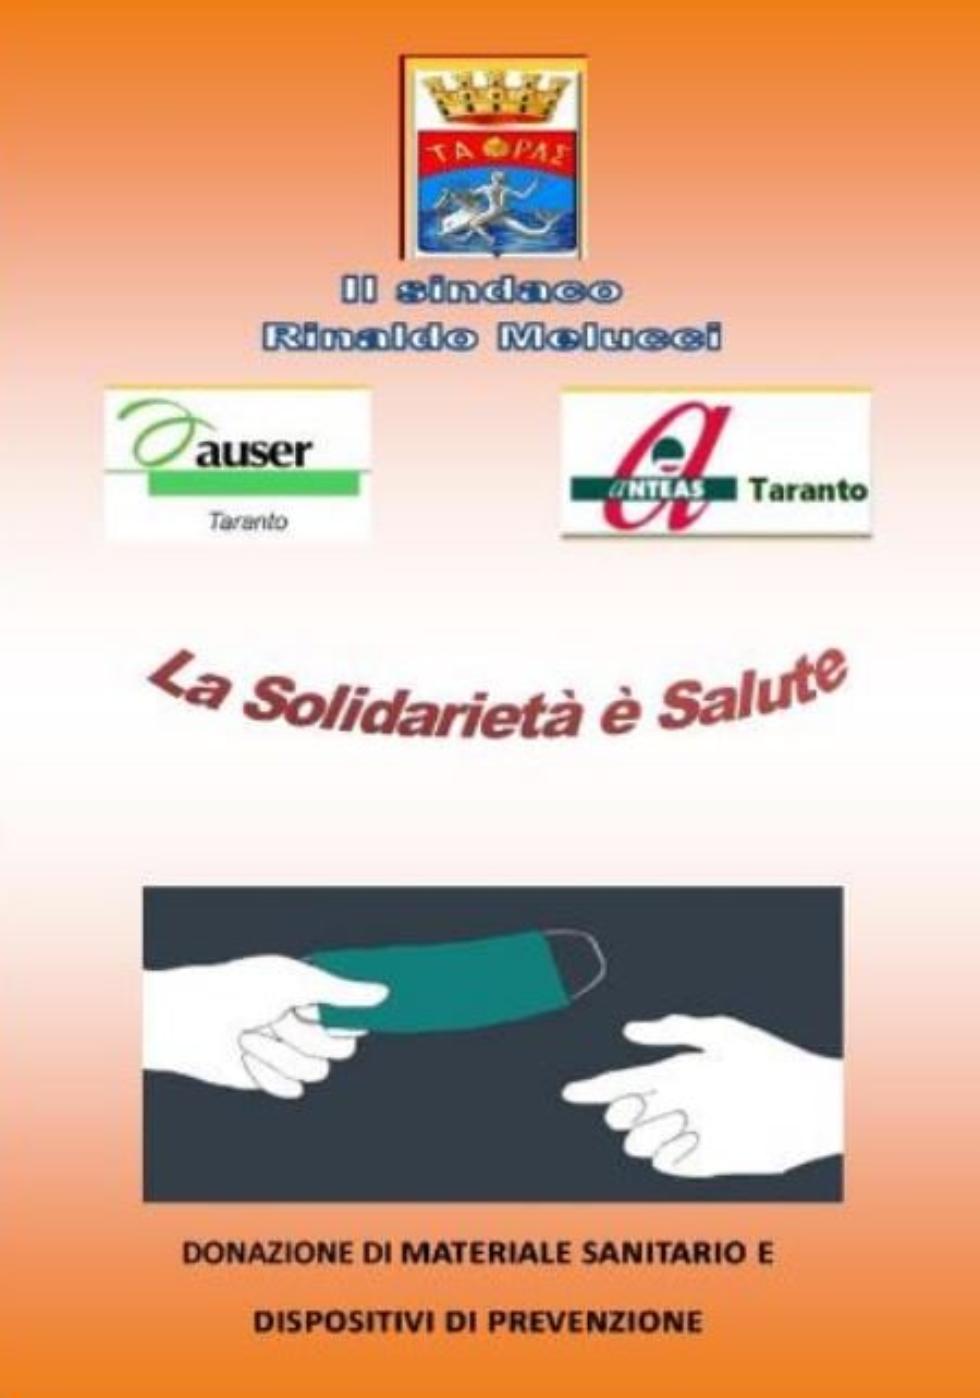 Anteas - Taranto e Auser Taranto #insieme per fronteggiare le difficoltà legate alla pandemia